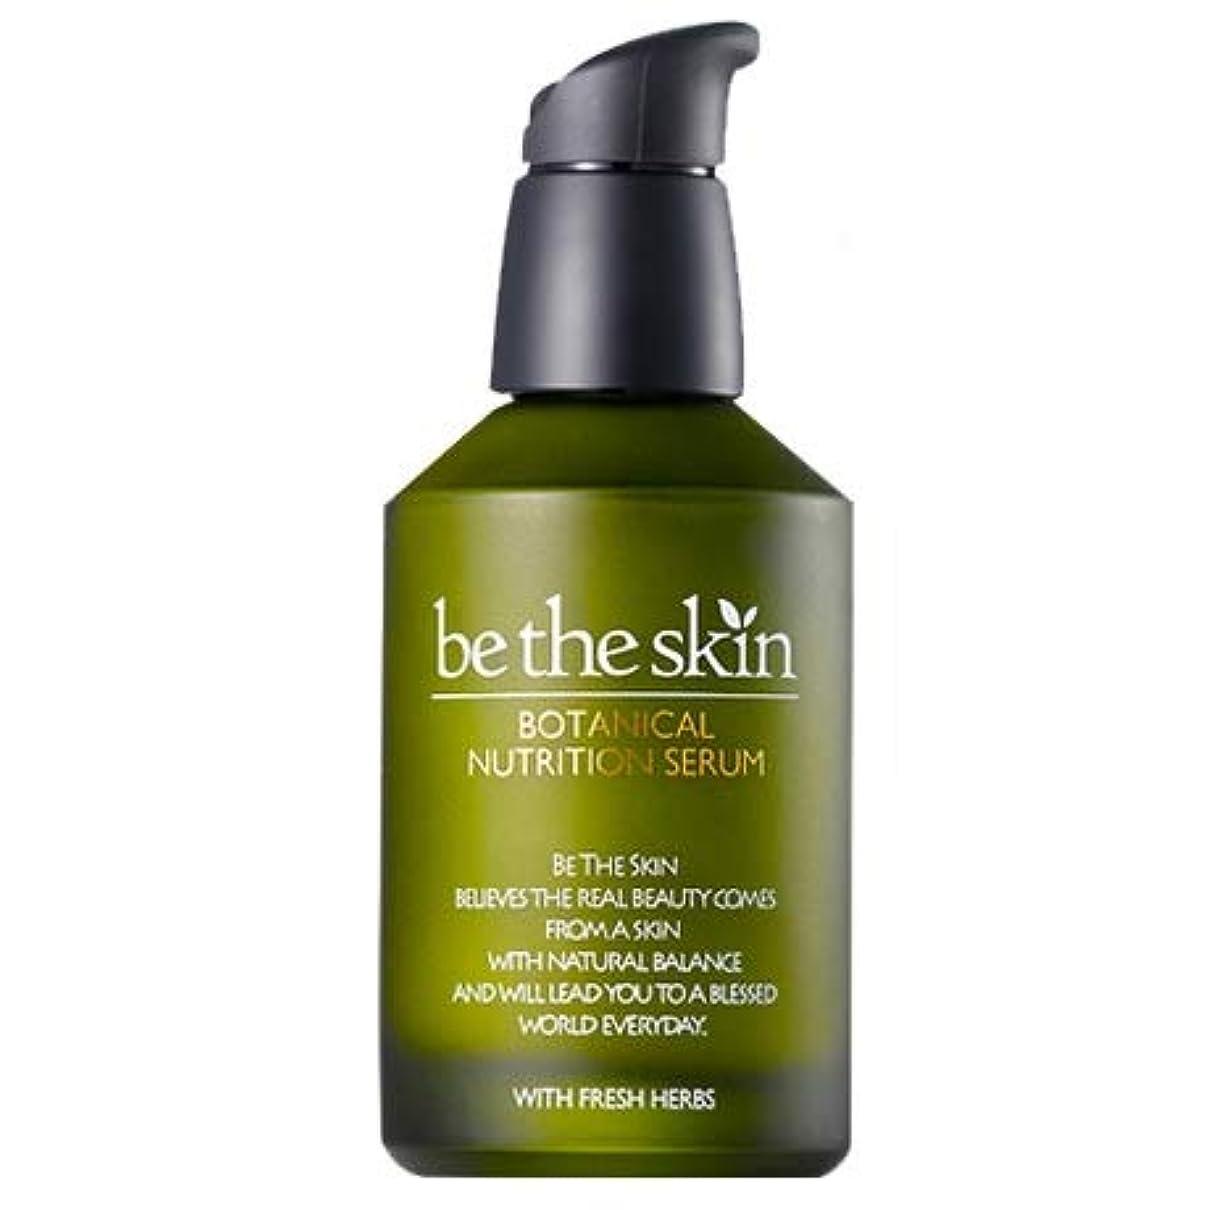 問題圧縮されたルートbe the skin ボタニカル ニュートリション セラム / Botanical Nutrition Serum (50ml) [並行輸入品]